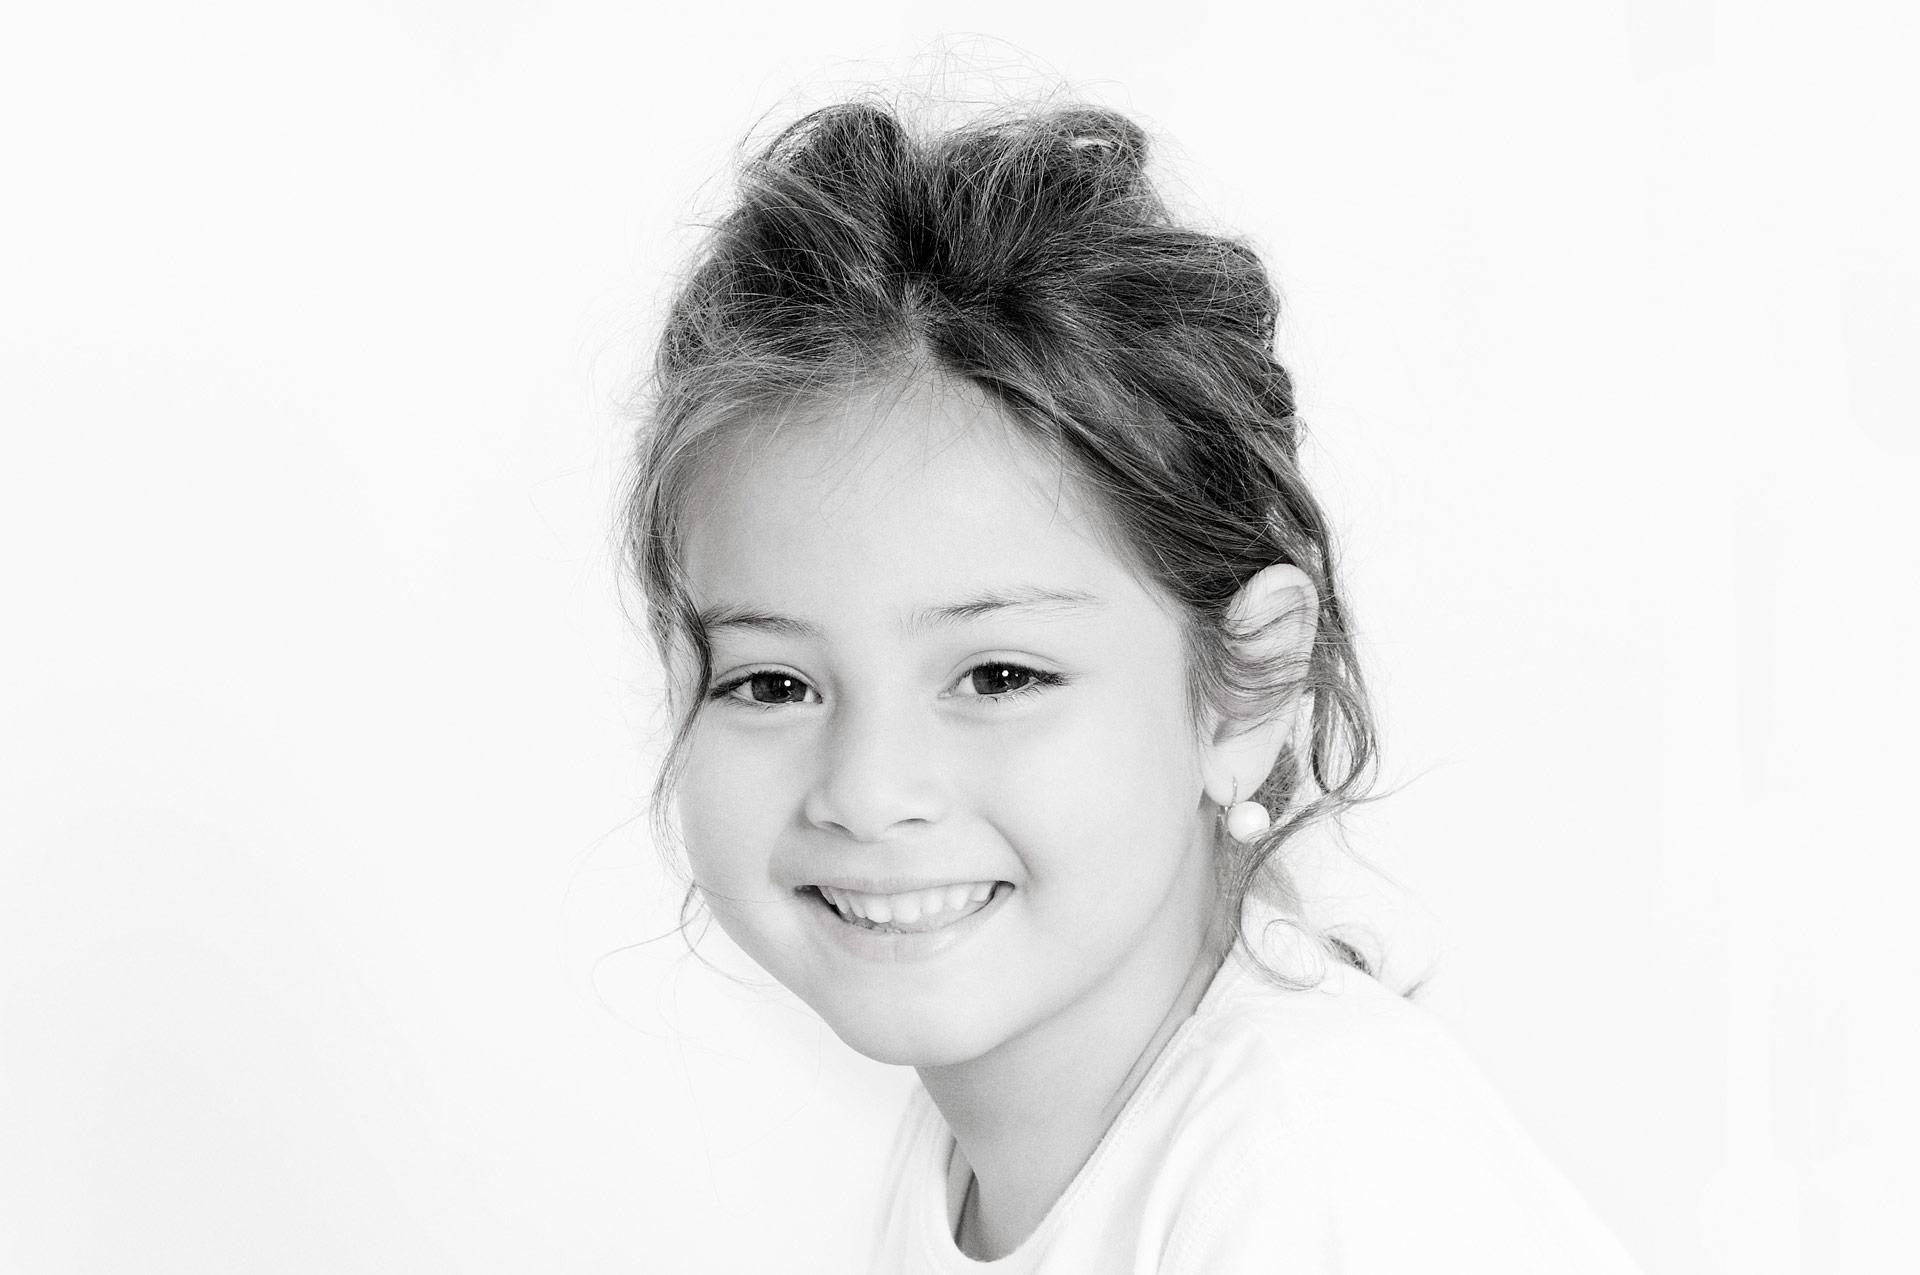 Tratamientos dentales de odontólogos infantiles